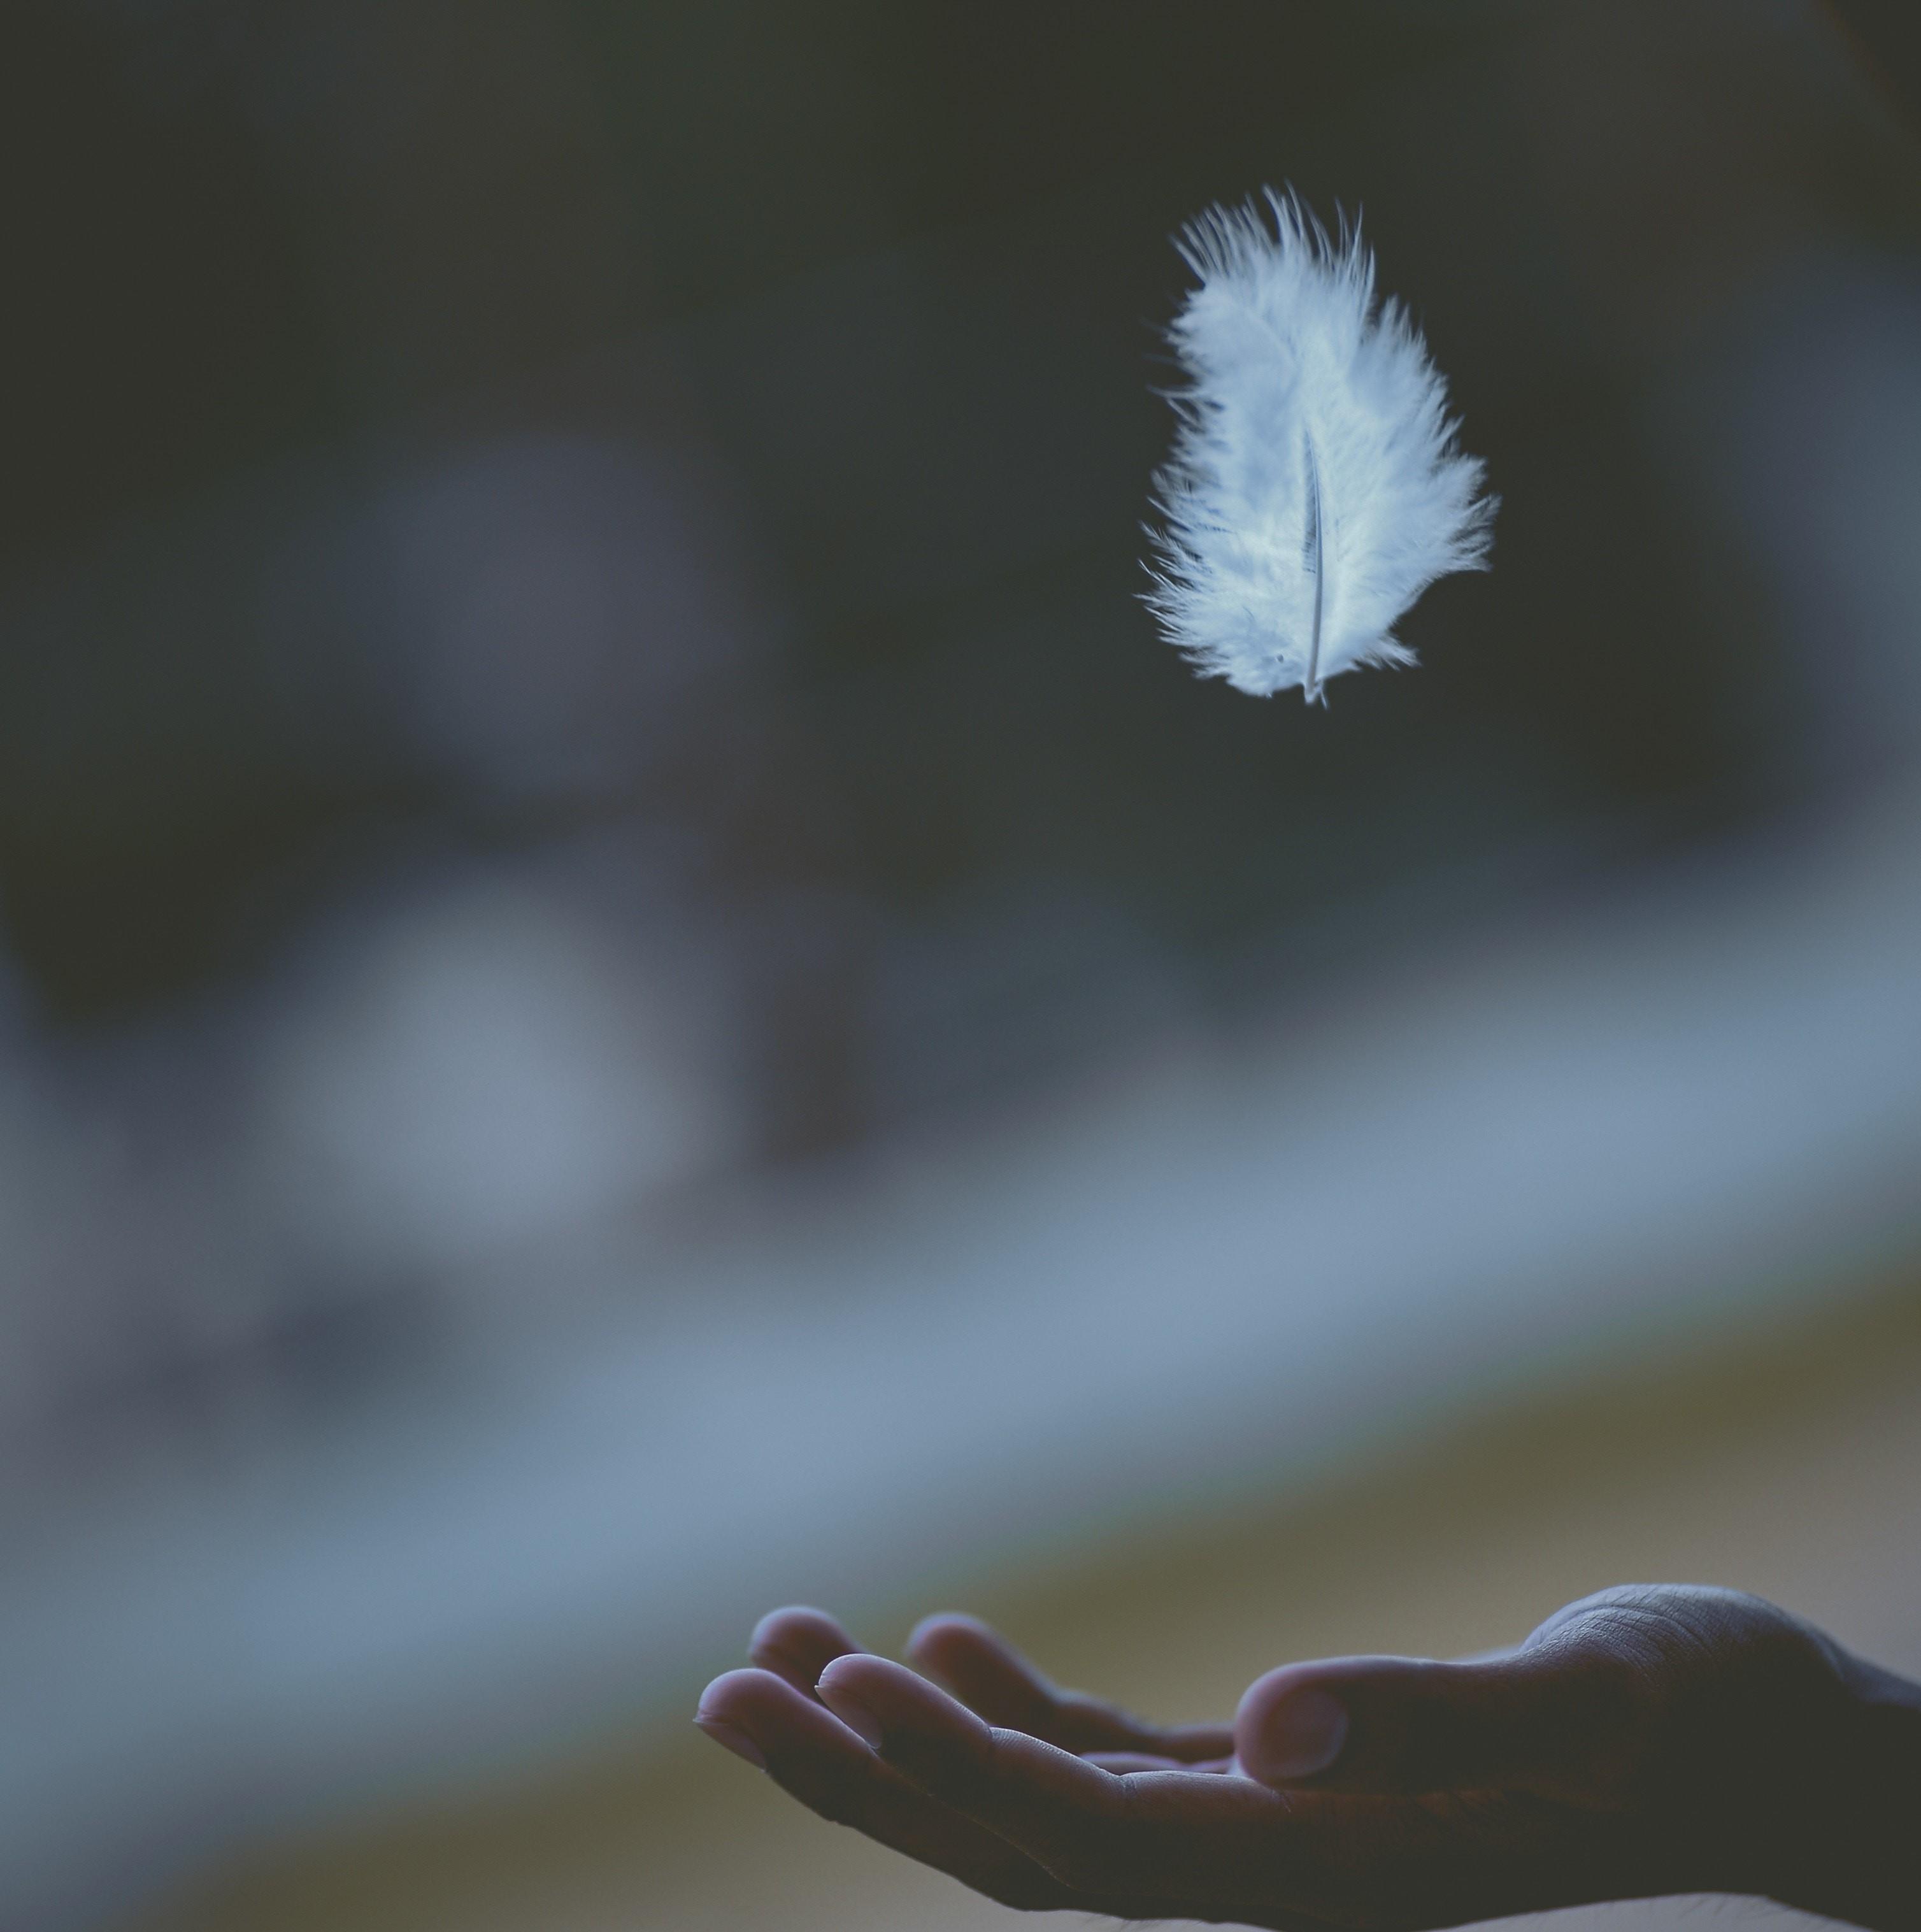 鳥の羽のように軽いヴァランの弓